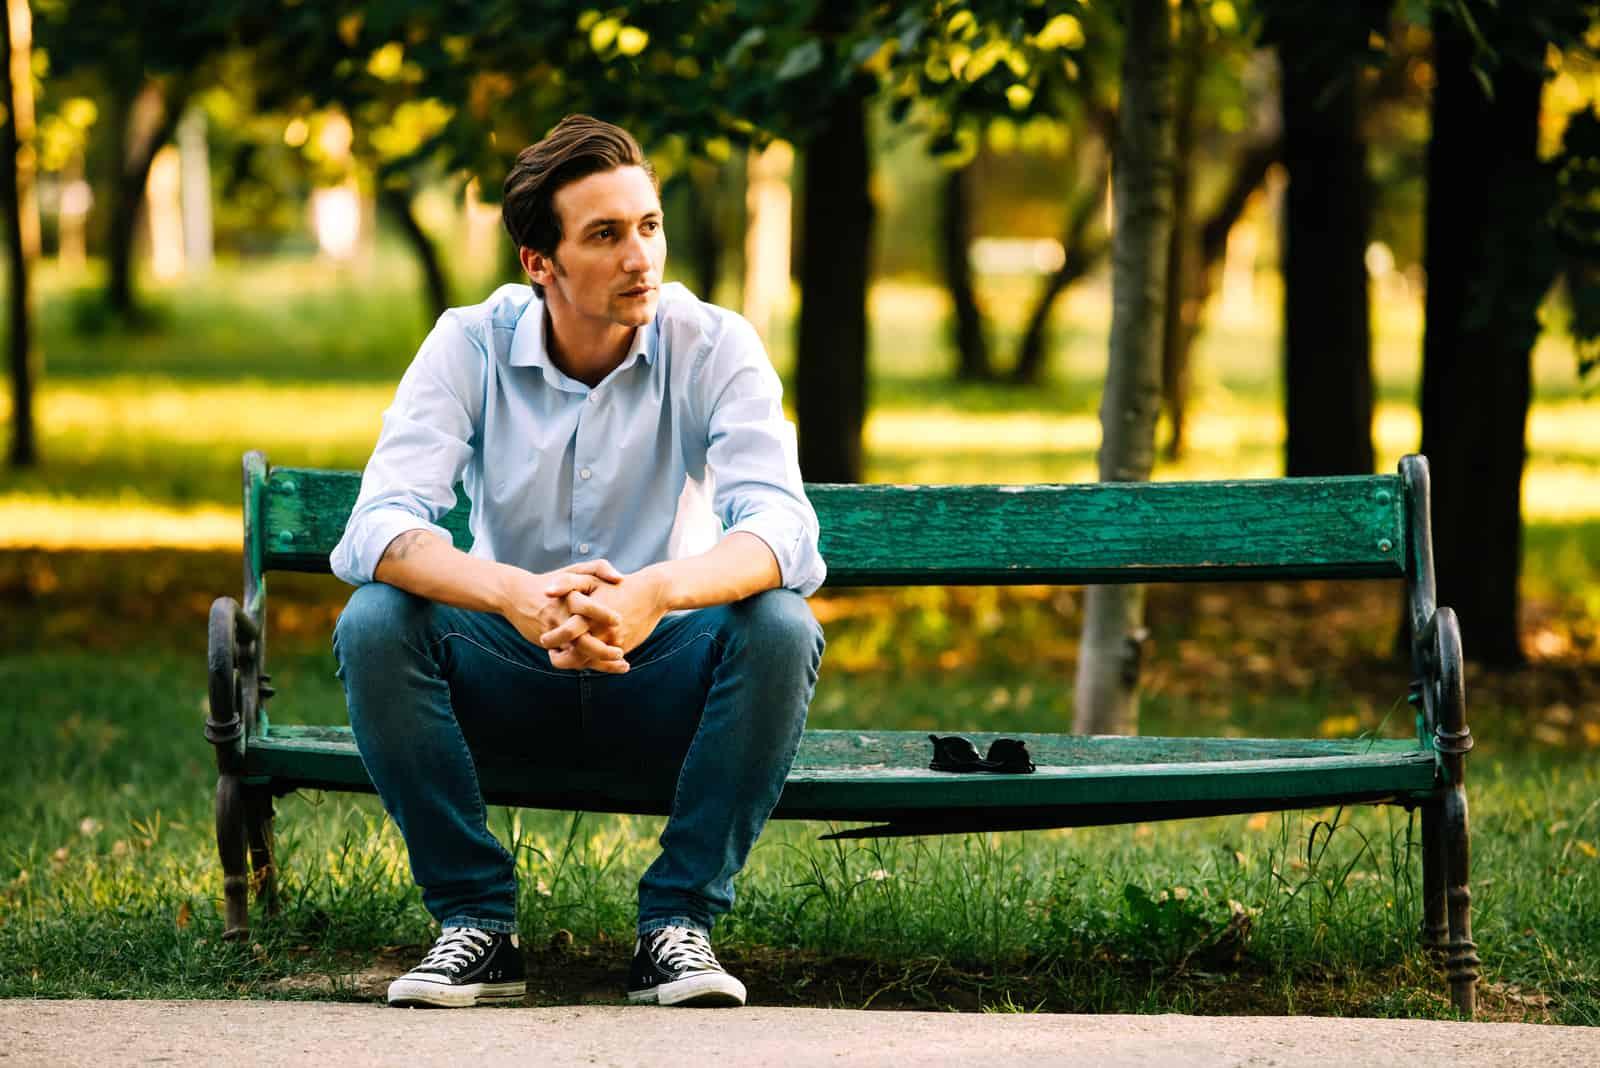 un homme imaginaire assis sur un banc de parc